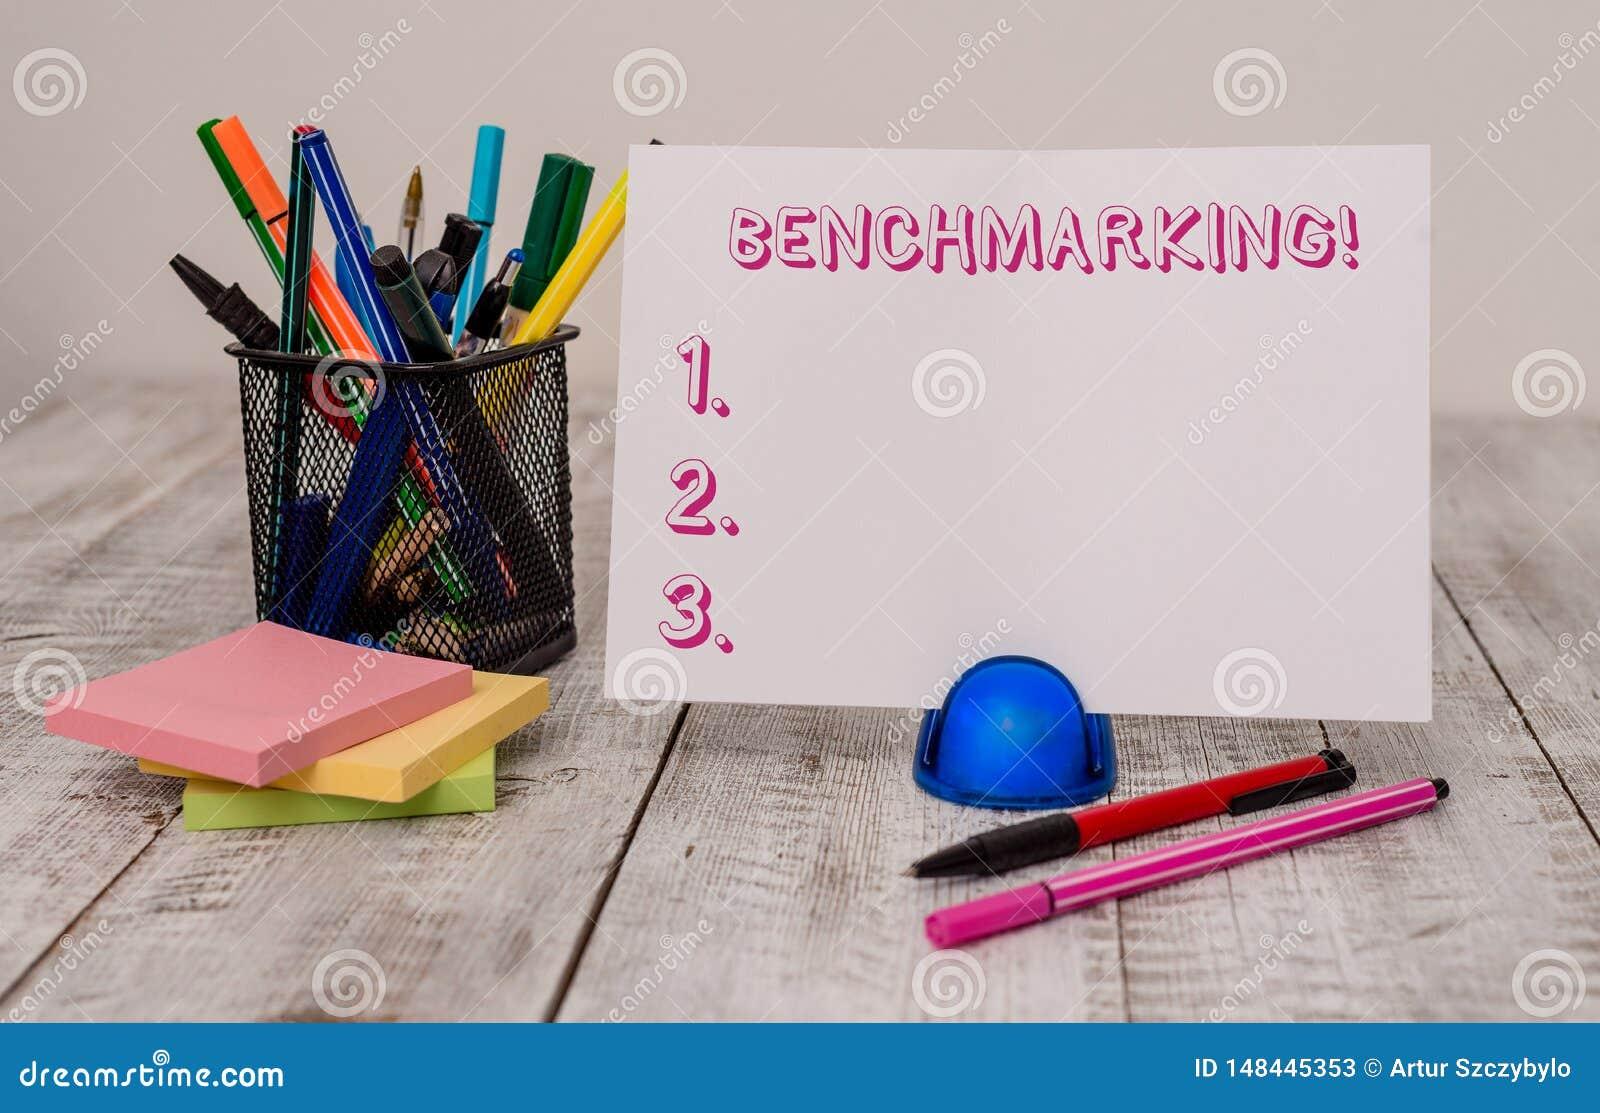 写笔记陈列基准点 企业照片陈列与标准或比分相比评估某事